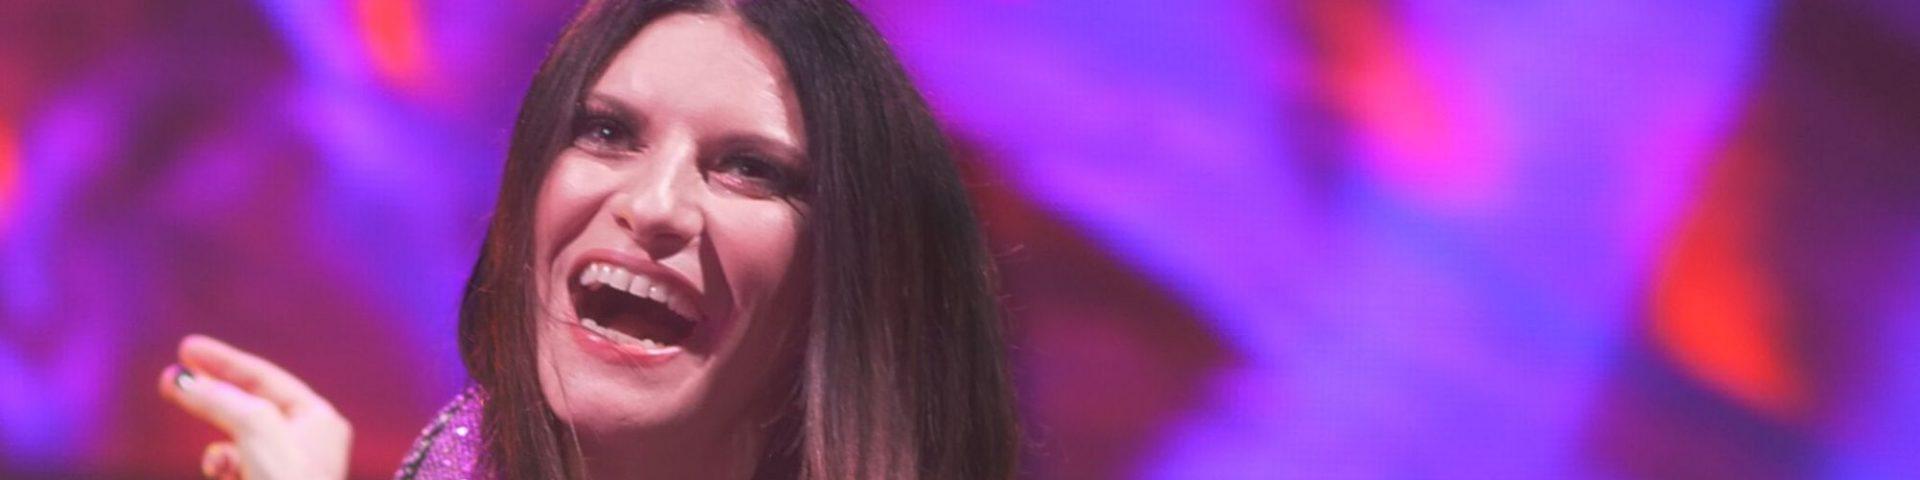 Laura Pausini: su Canale 5 il concerto-evento al Circo Massimo. Ecco quando